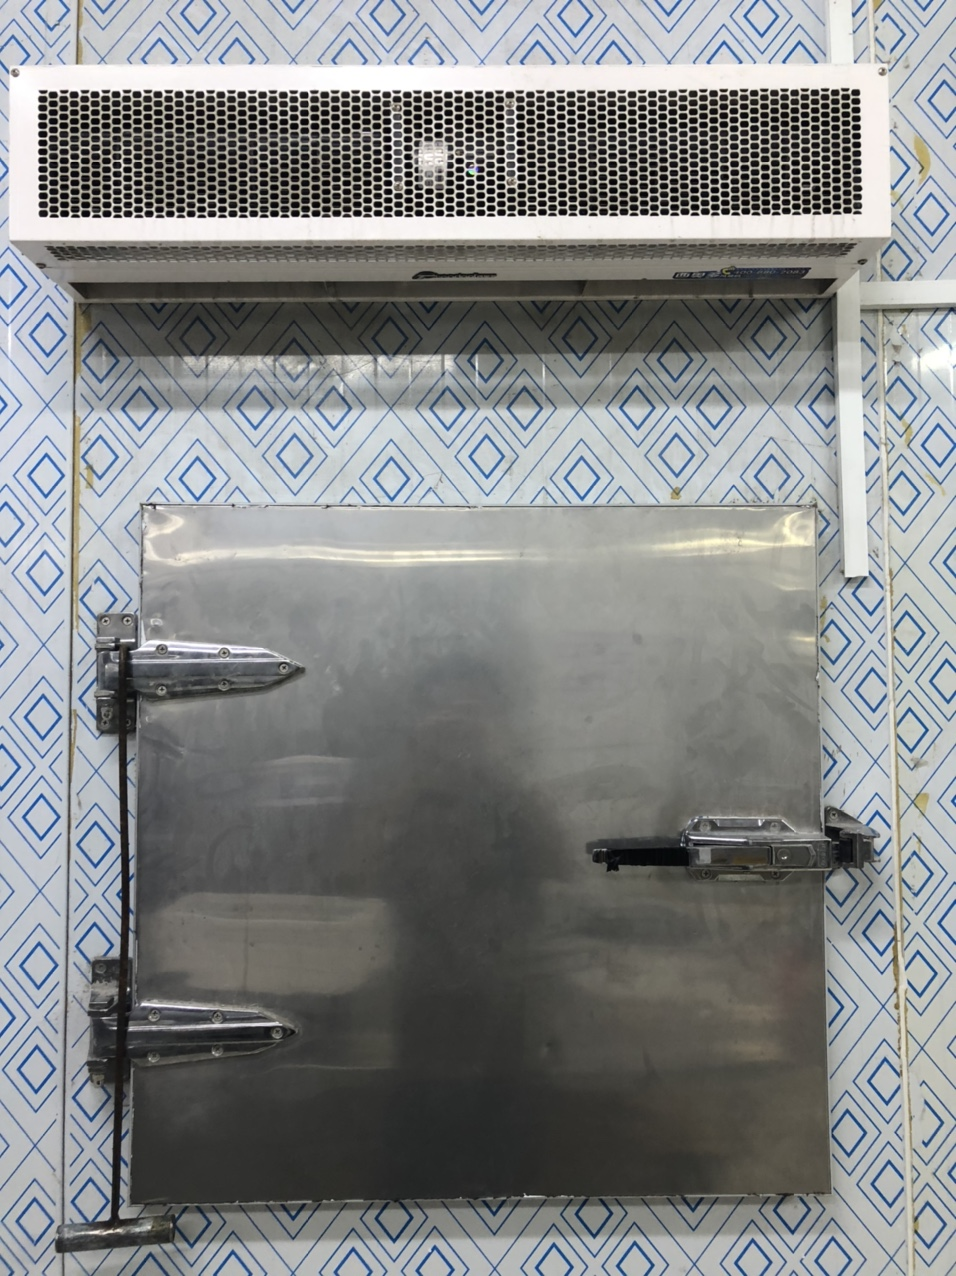 BỘ TAY KHÓA CỬA KHO LẠNH MODEL CX-1178